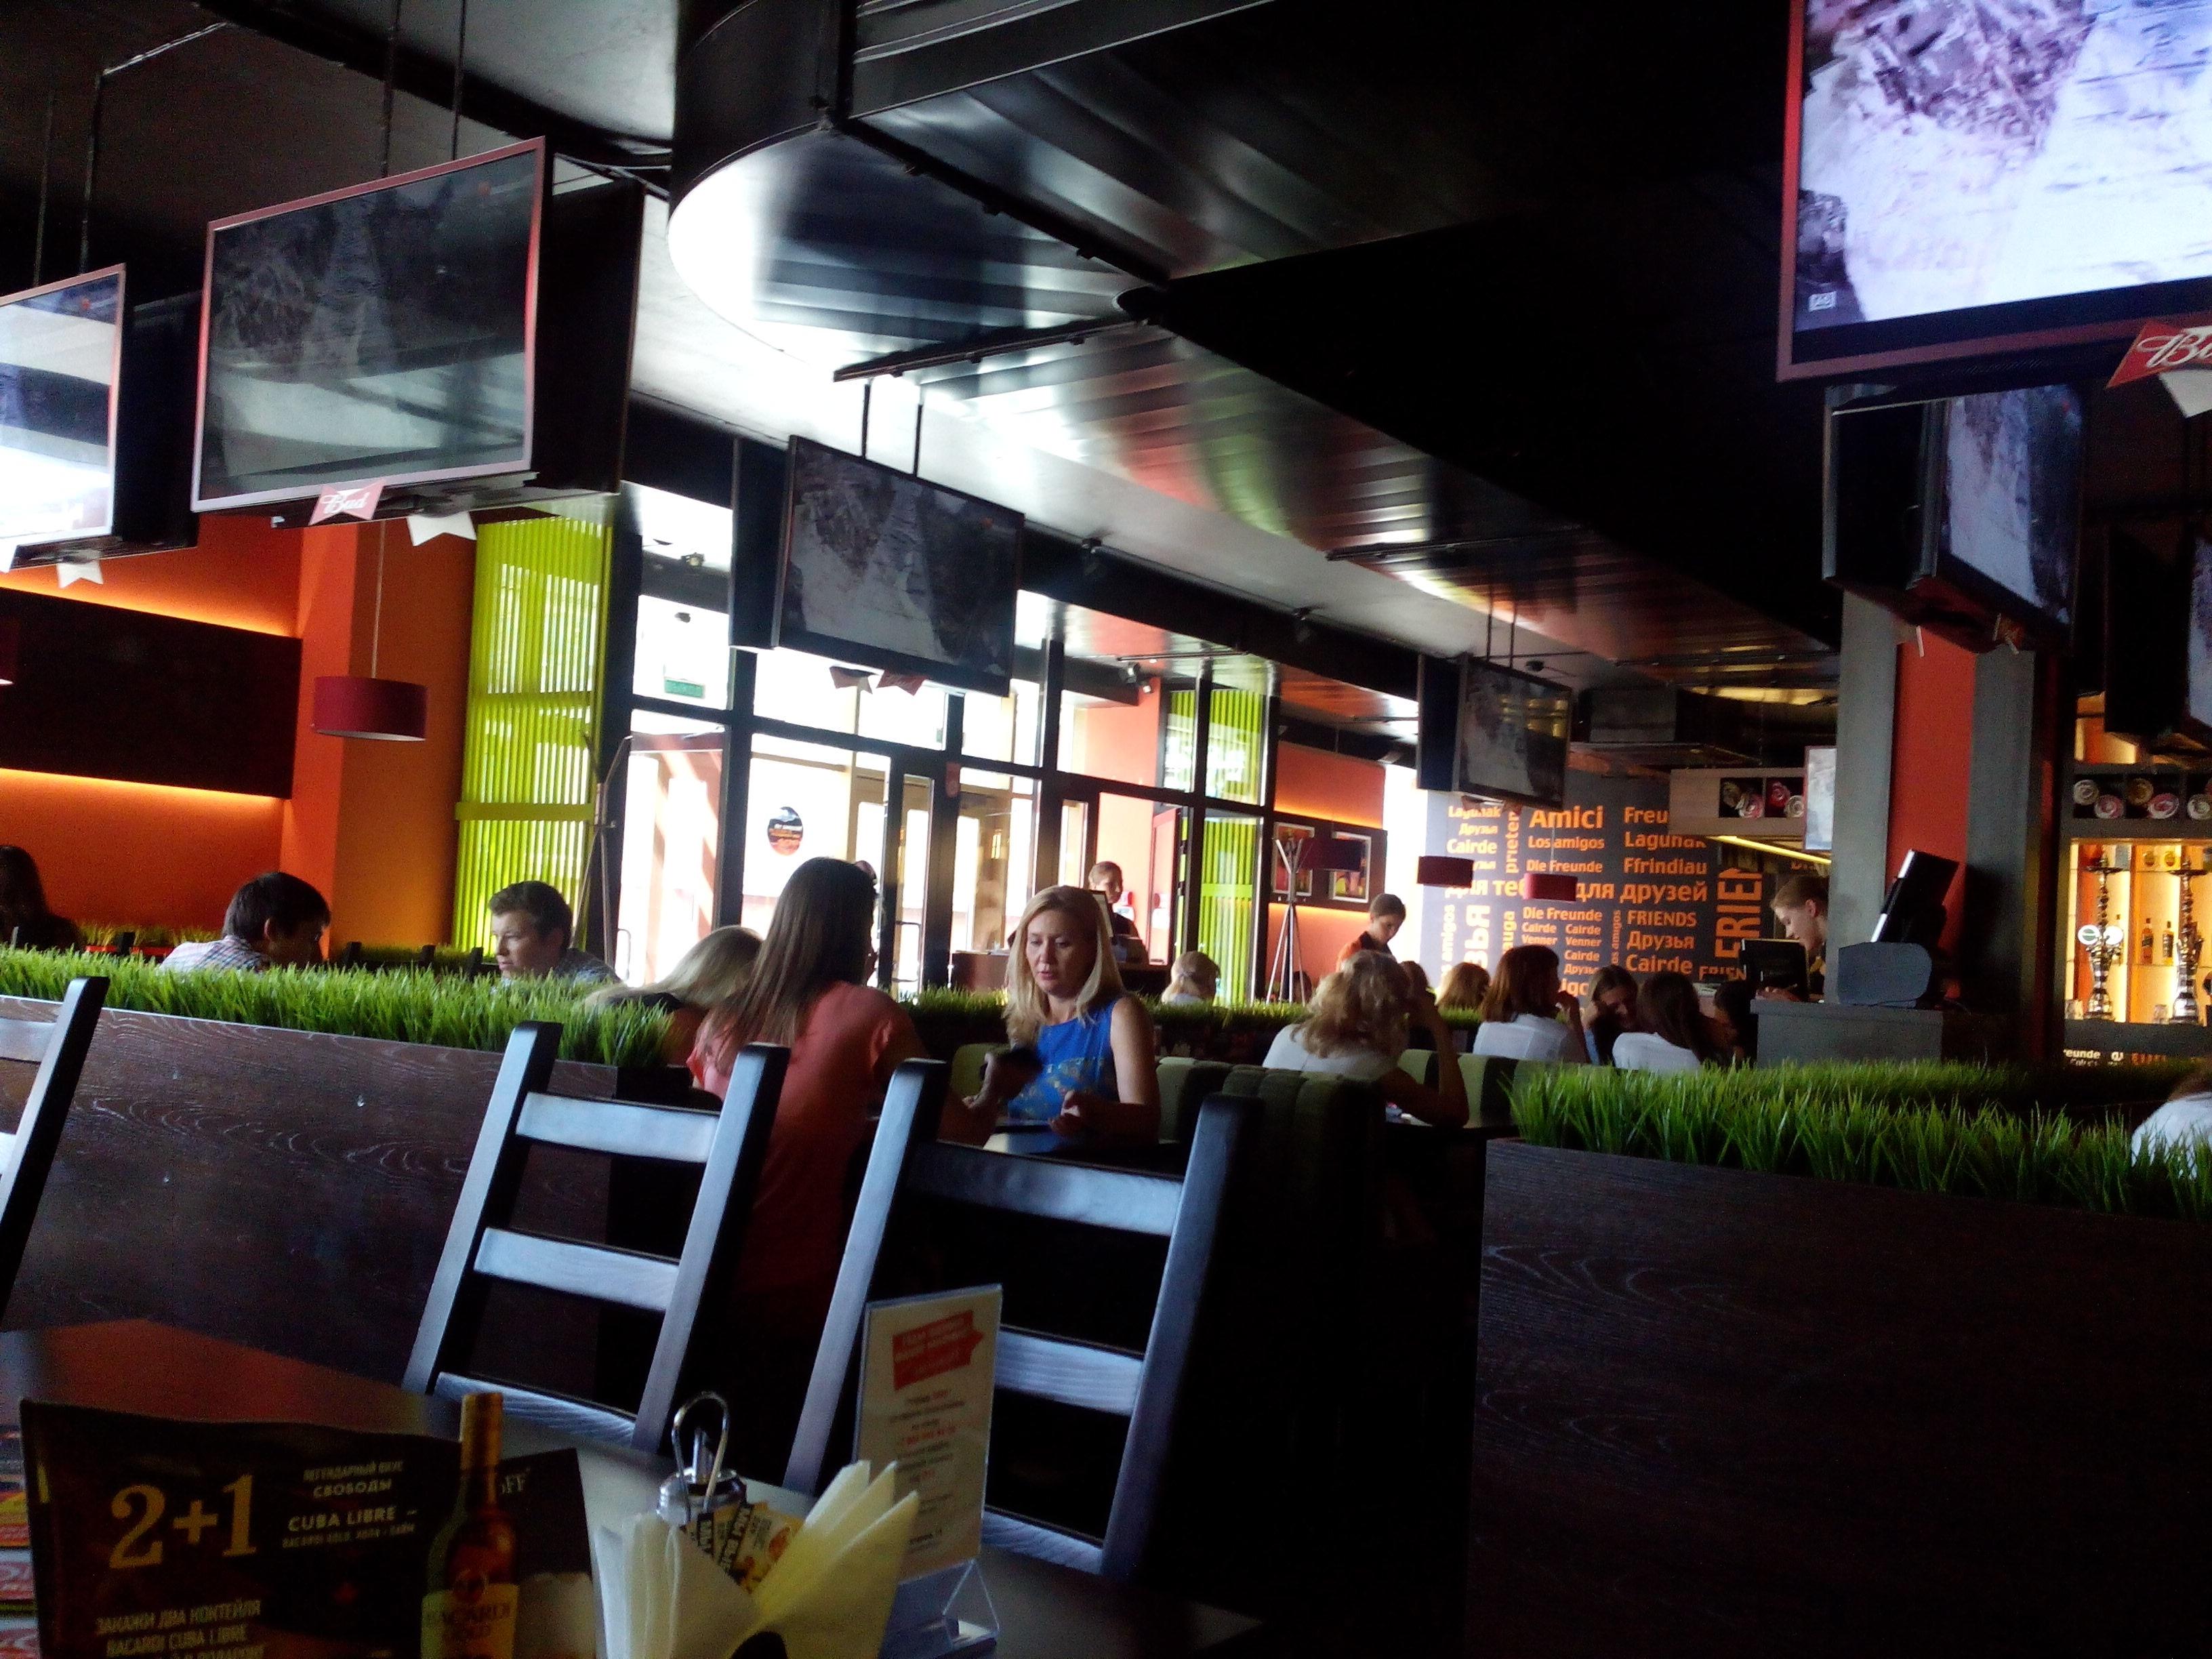 характеристики стиля шашлыкофф ресторан кемерово фото входа